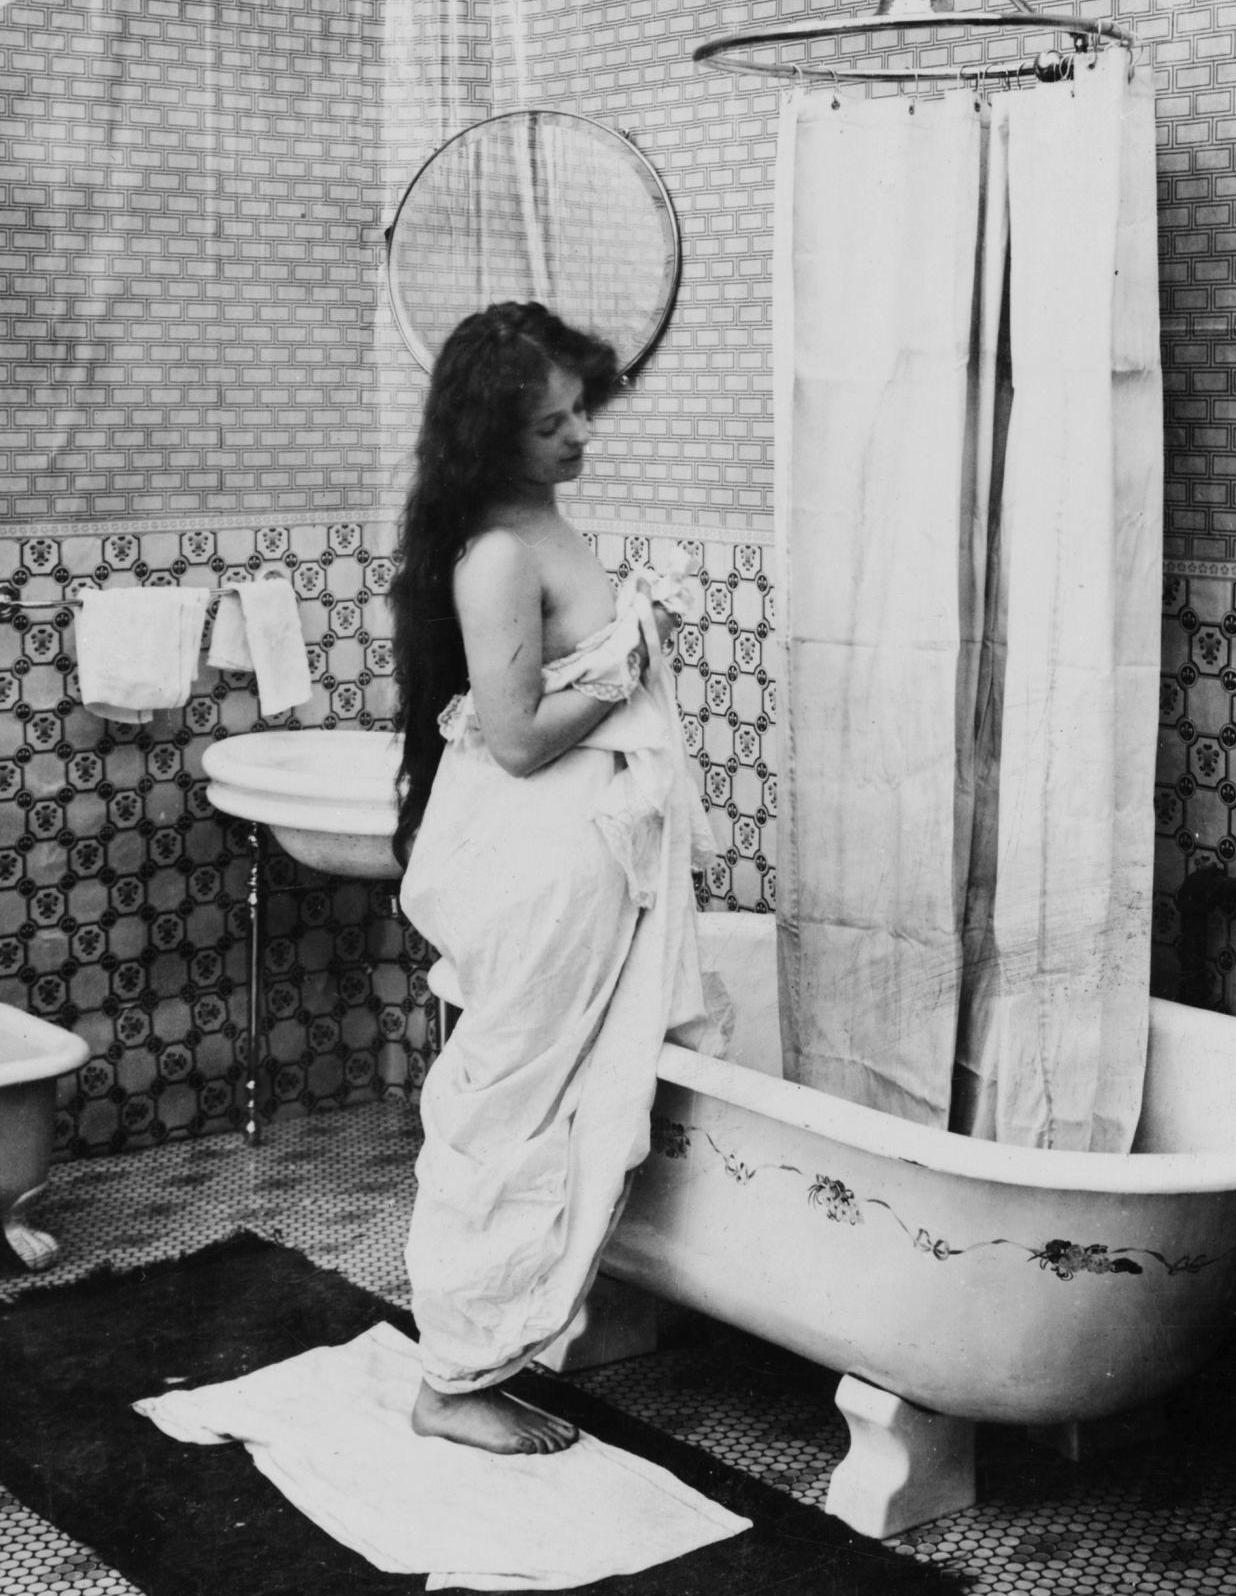 Até onde se sabe, banheiras são mais perigosas que transgênicos (Foto: Reprodução/Biblioteca do Congresso dos EUA)